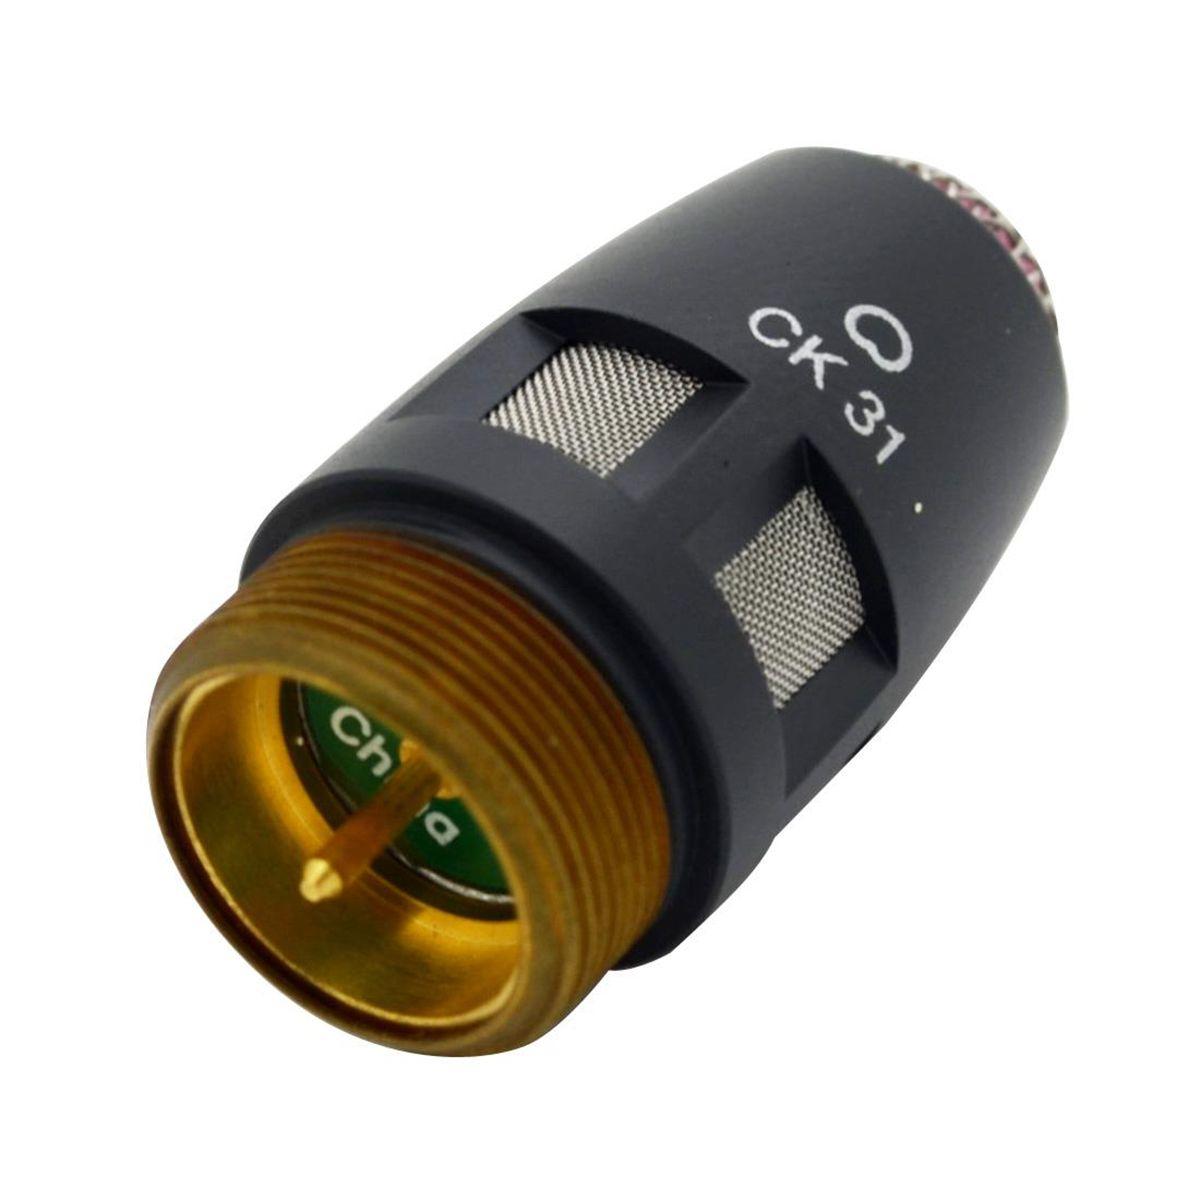 Kit Microfone de Coral AKG HM1000 + Capsula CK31